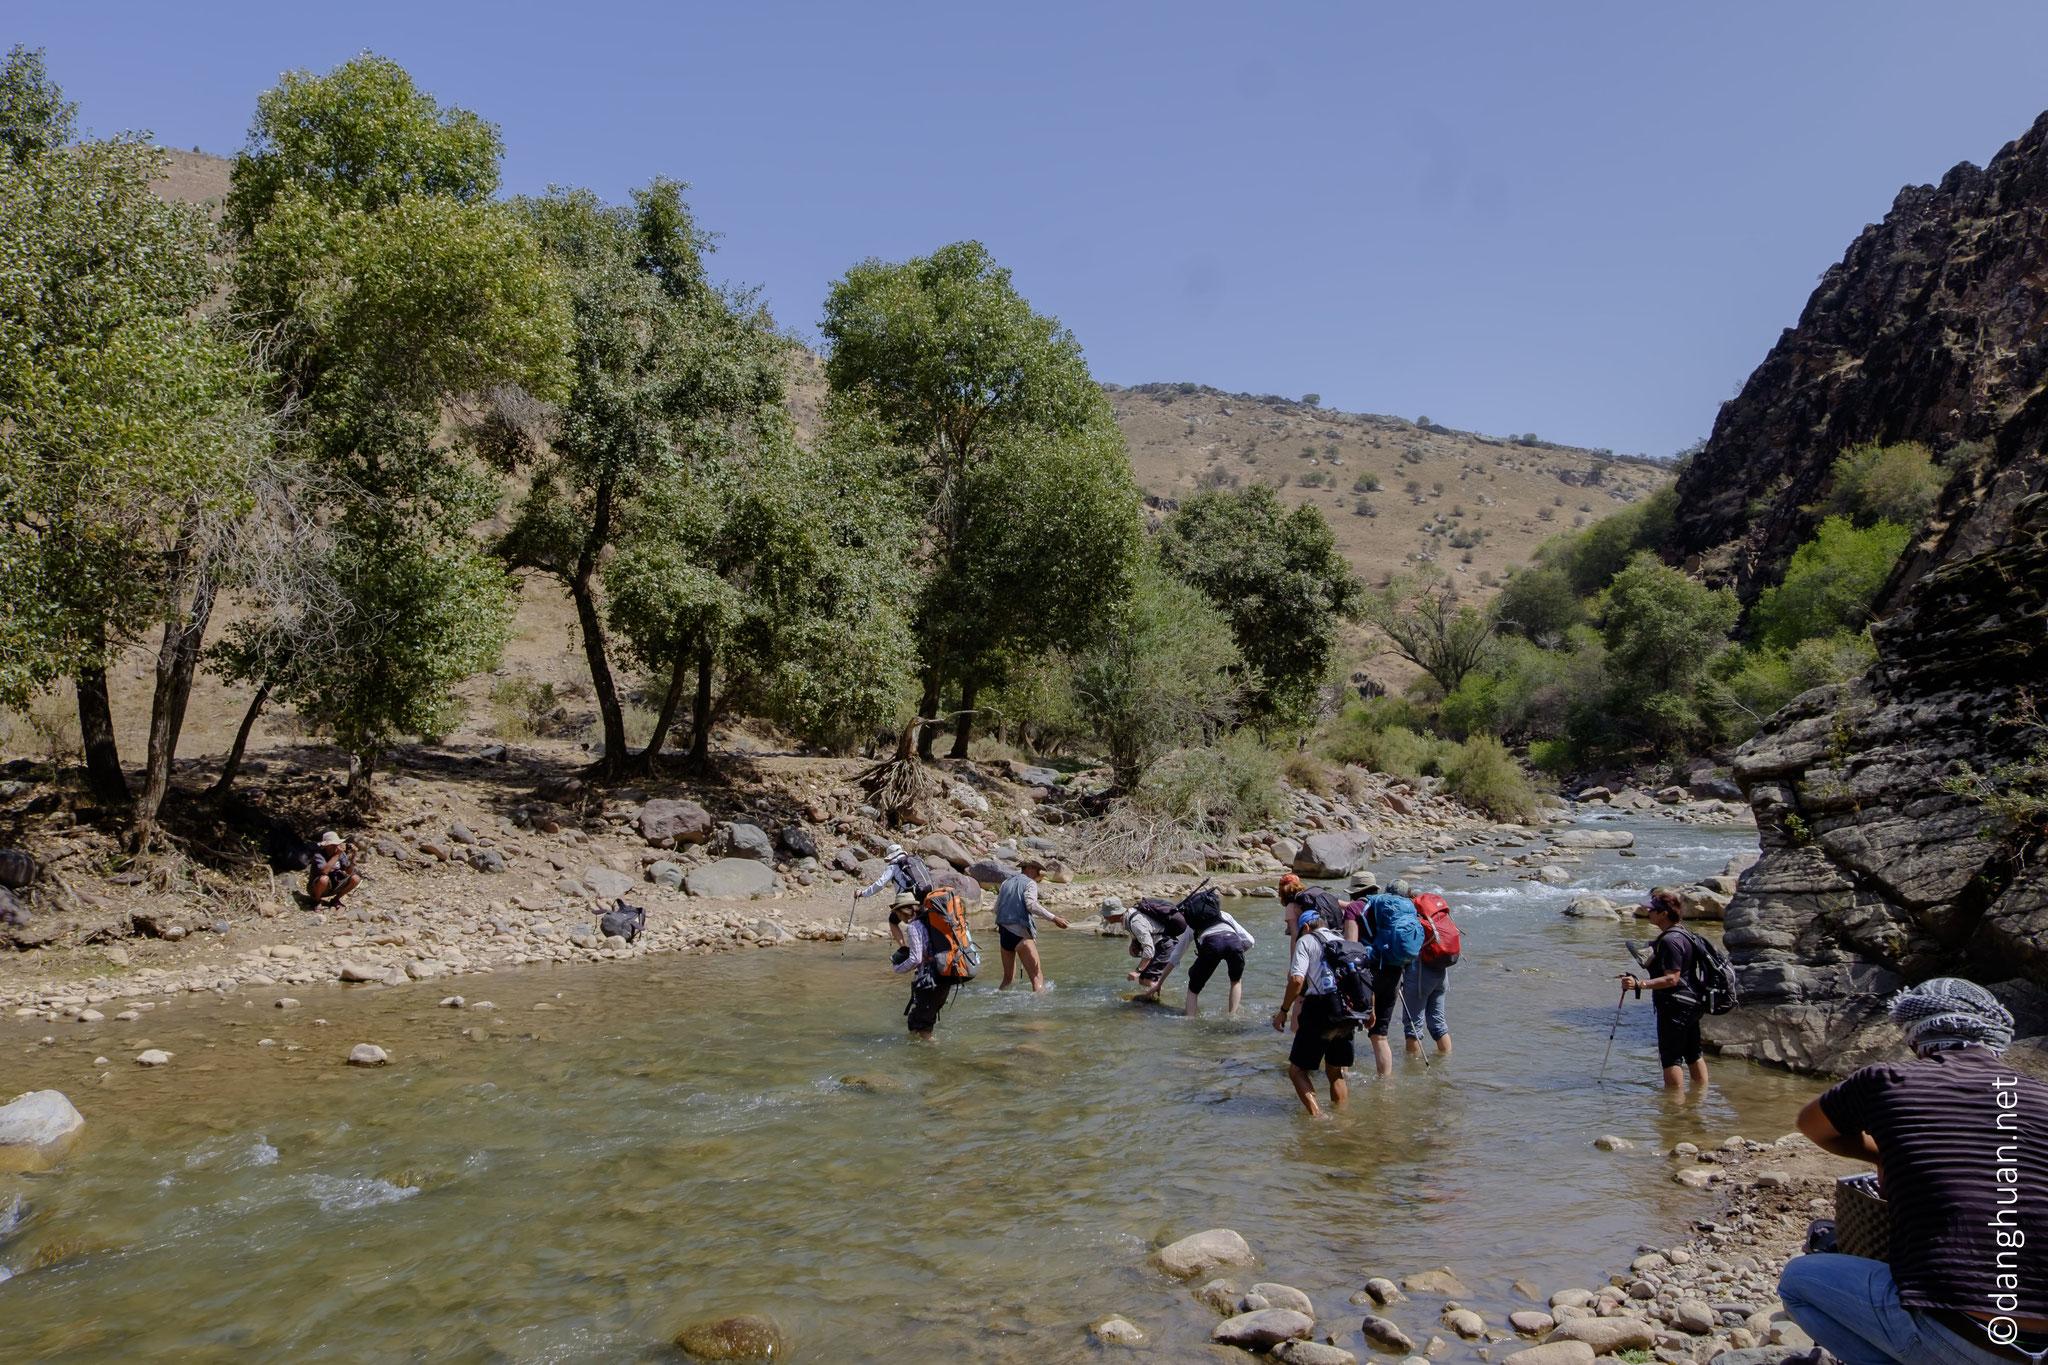 traversée de la rivière Nurekatasay  dans la vallée de Nourekata